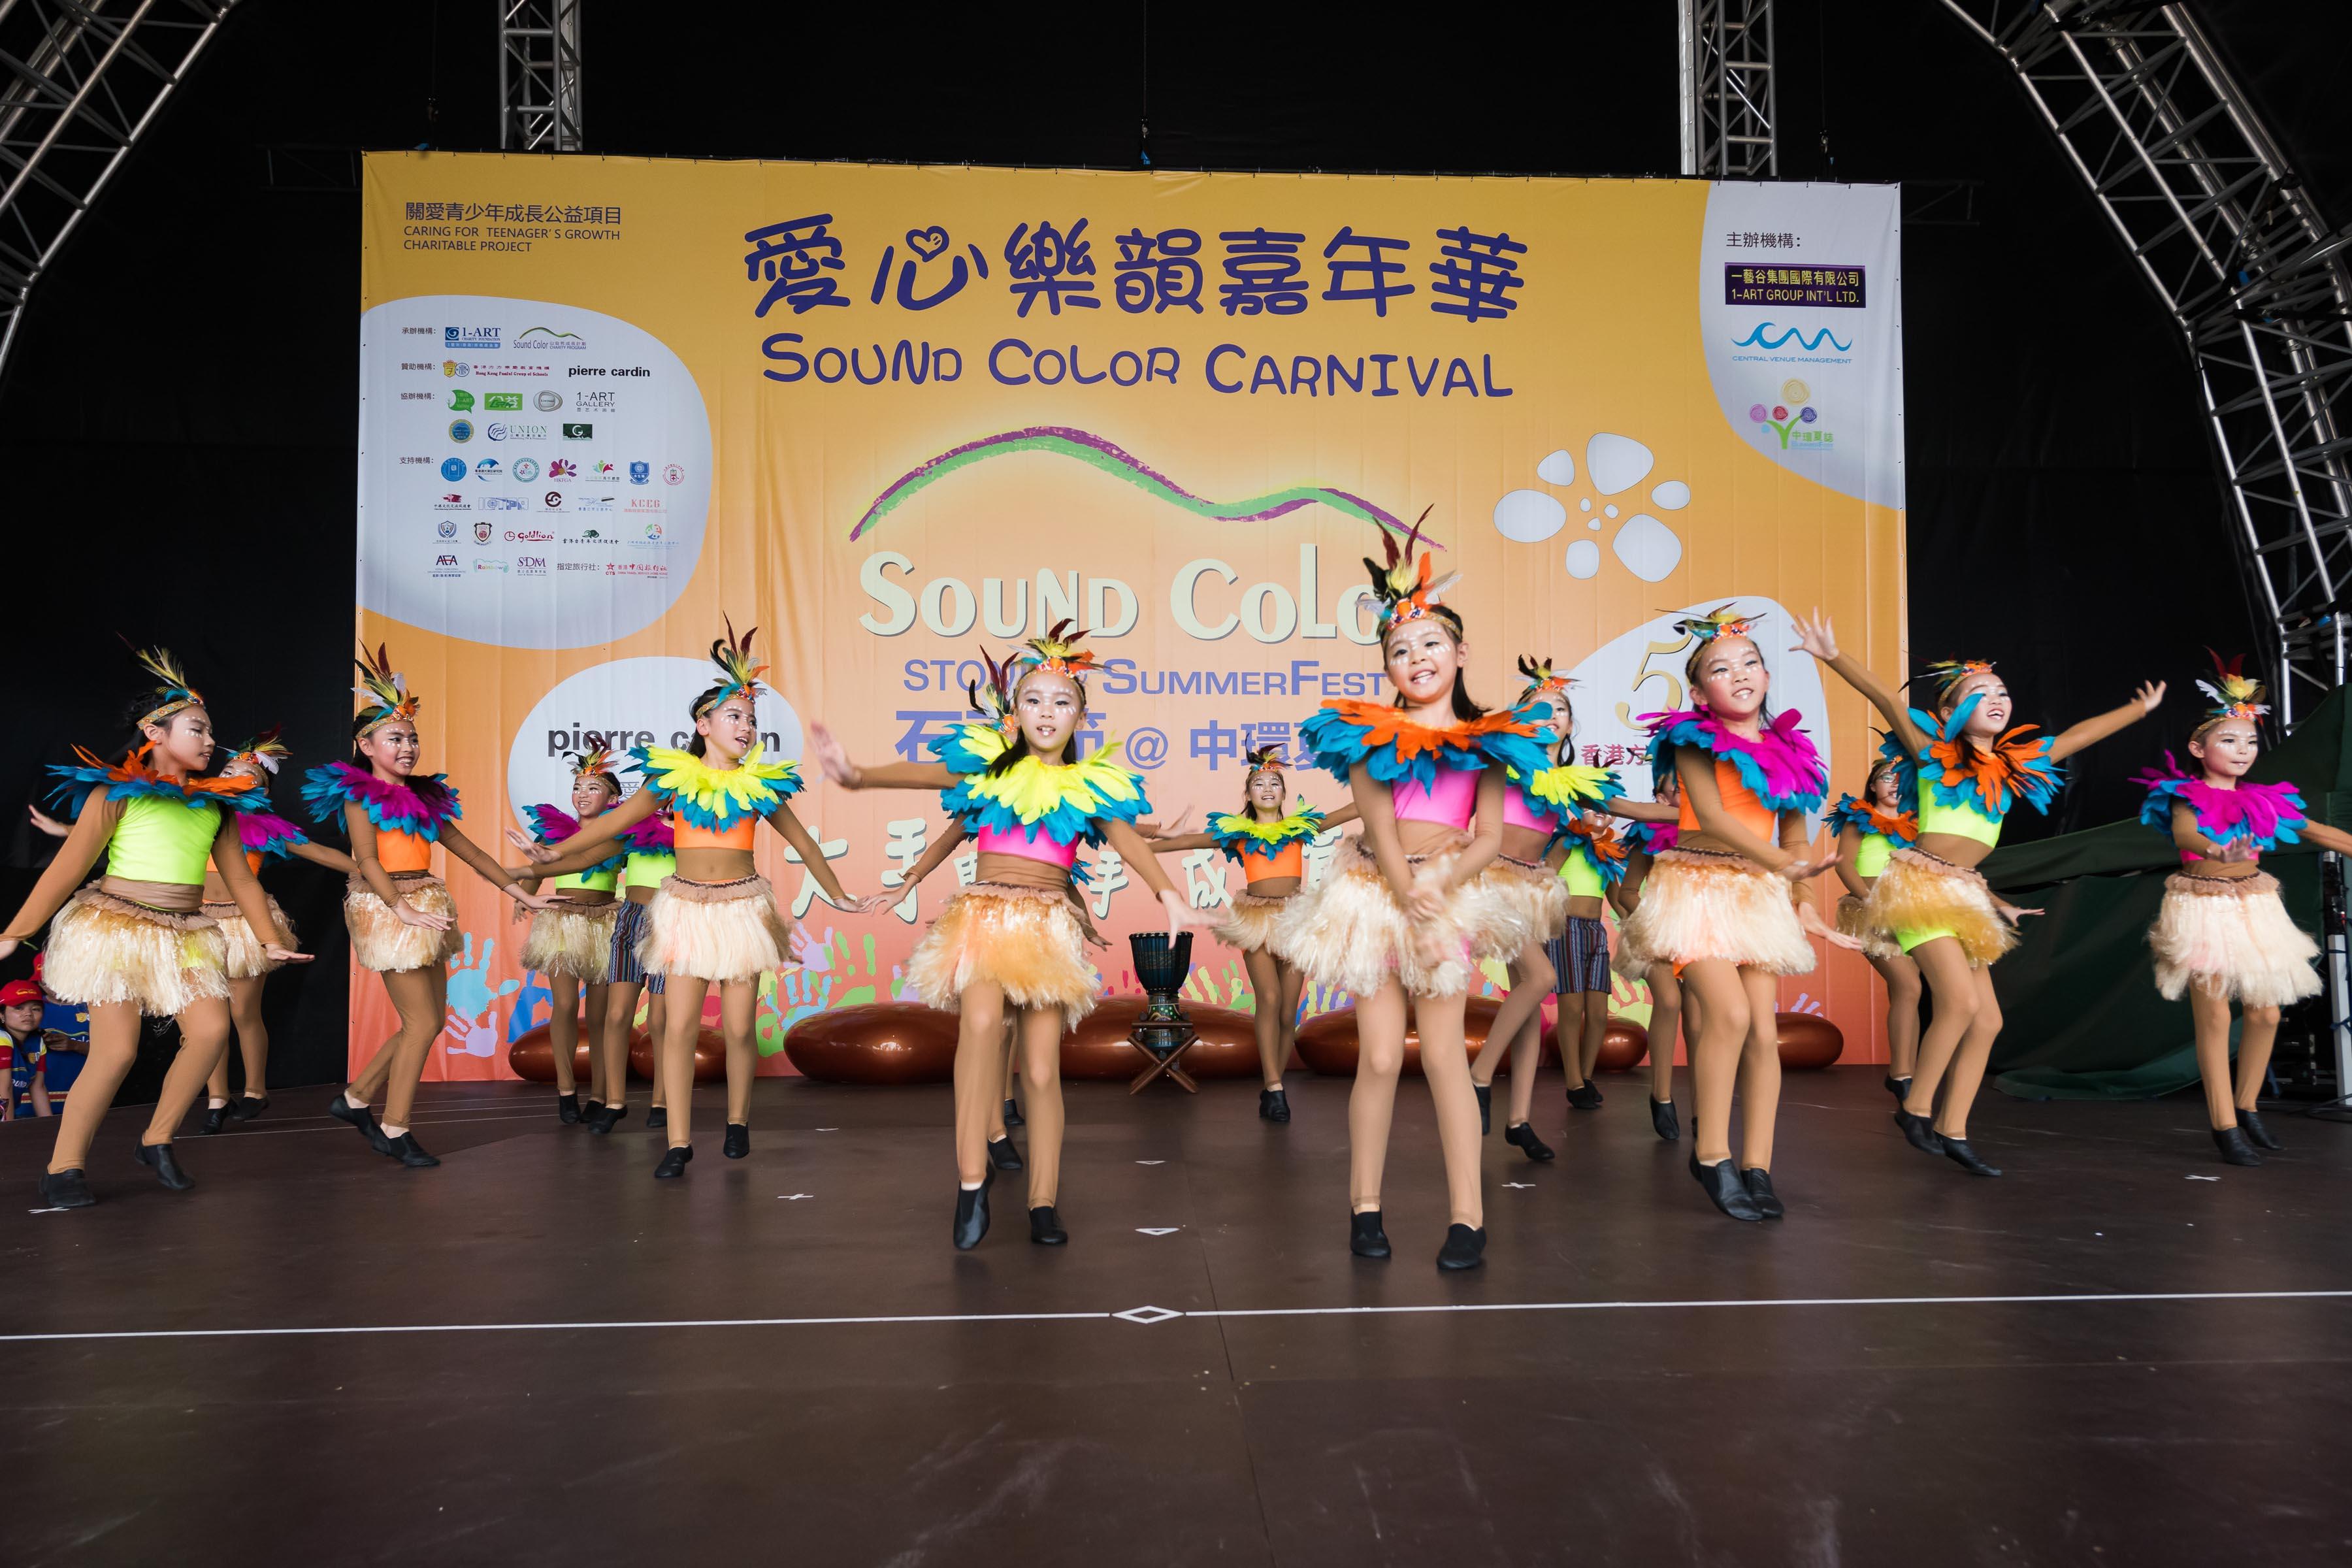 Sound Color Carnival